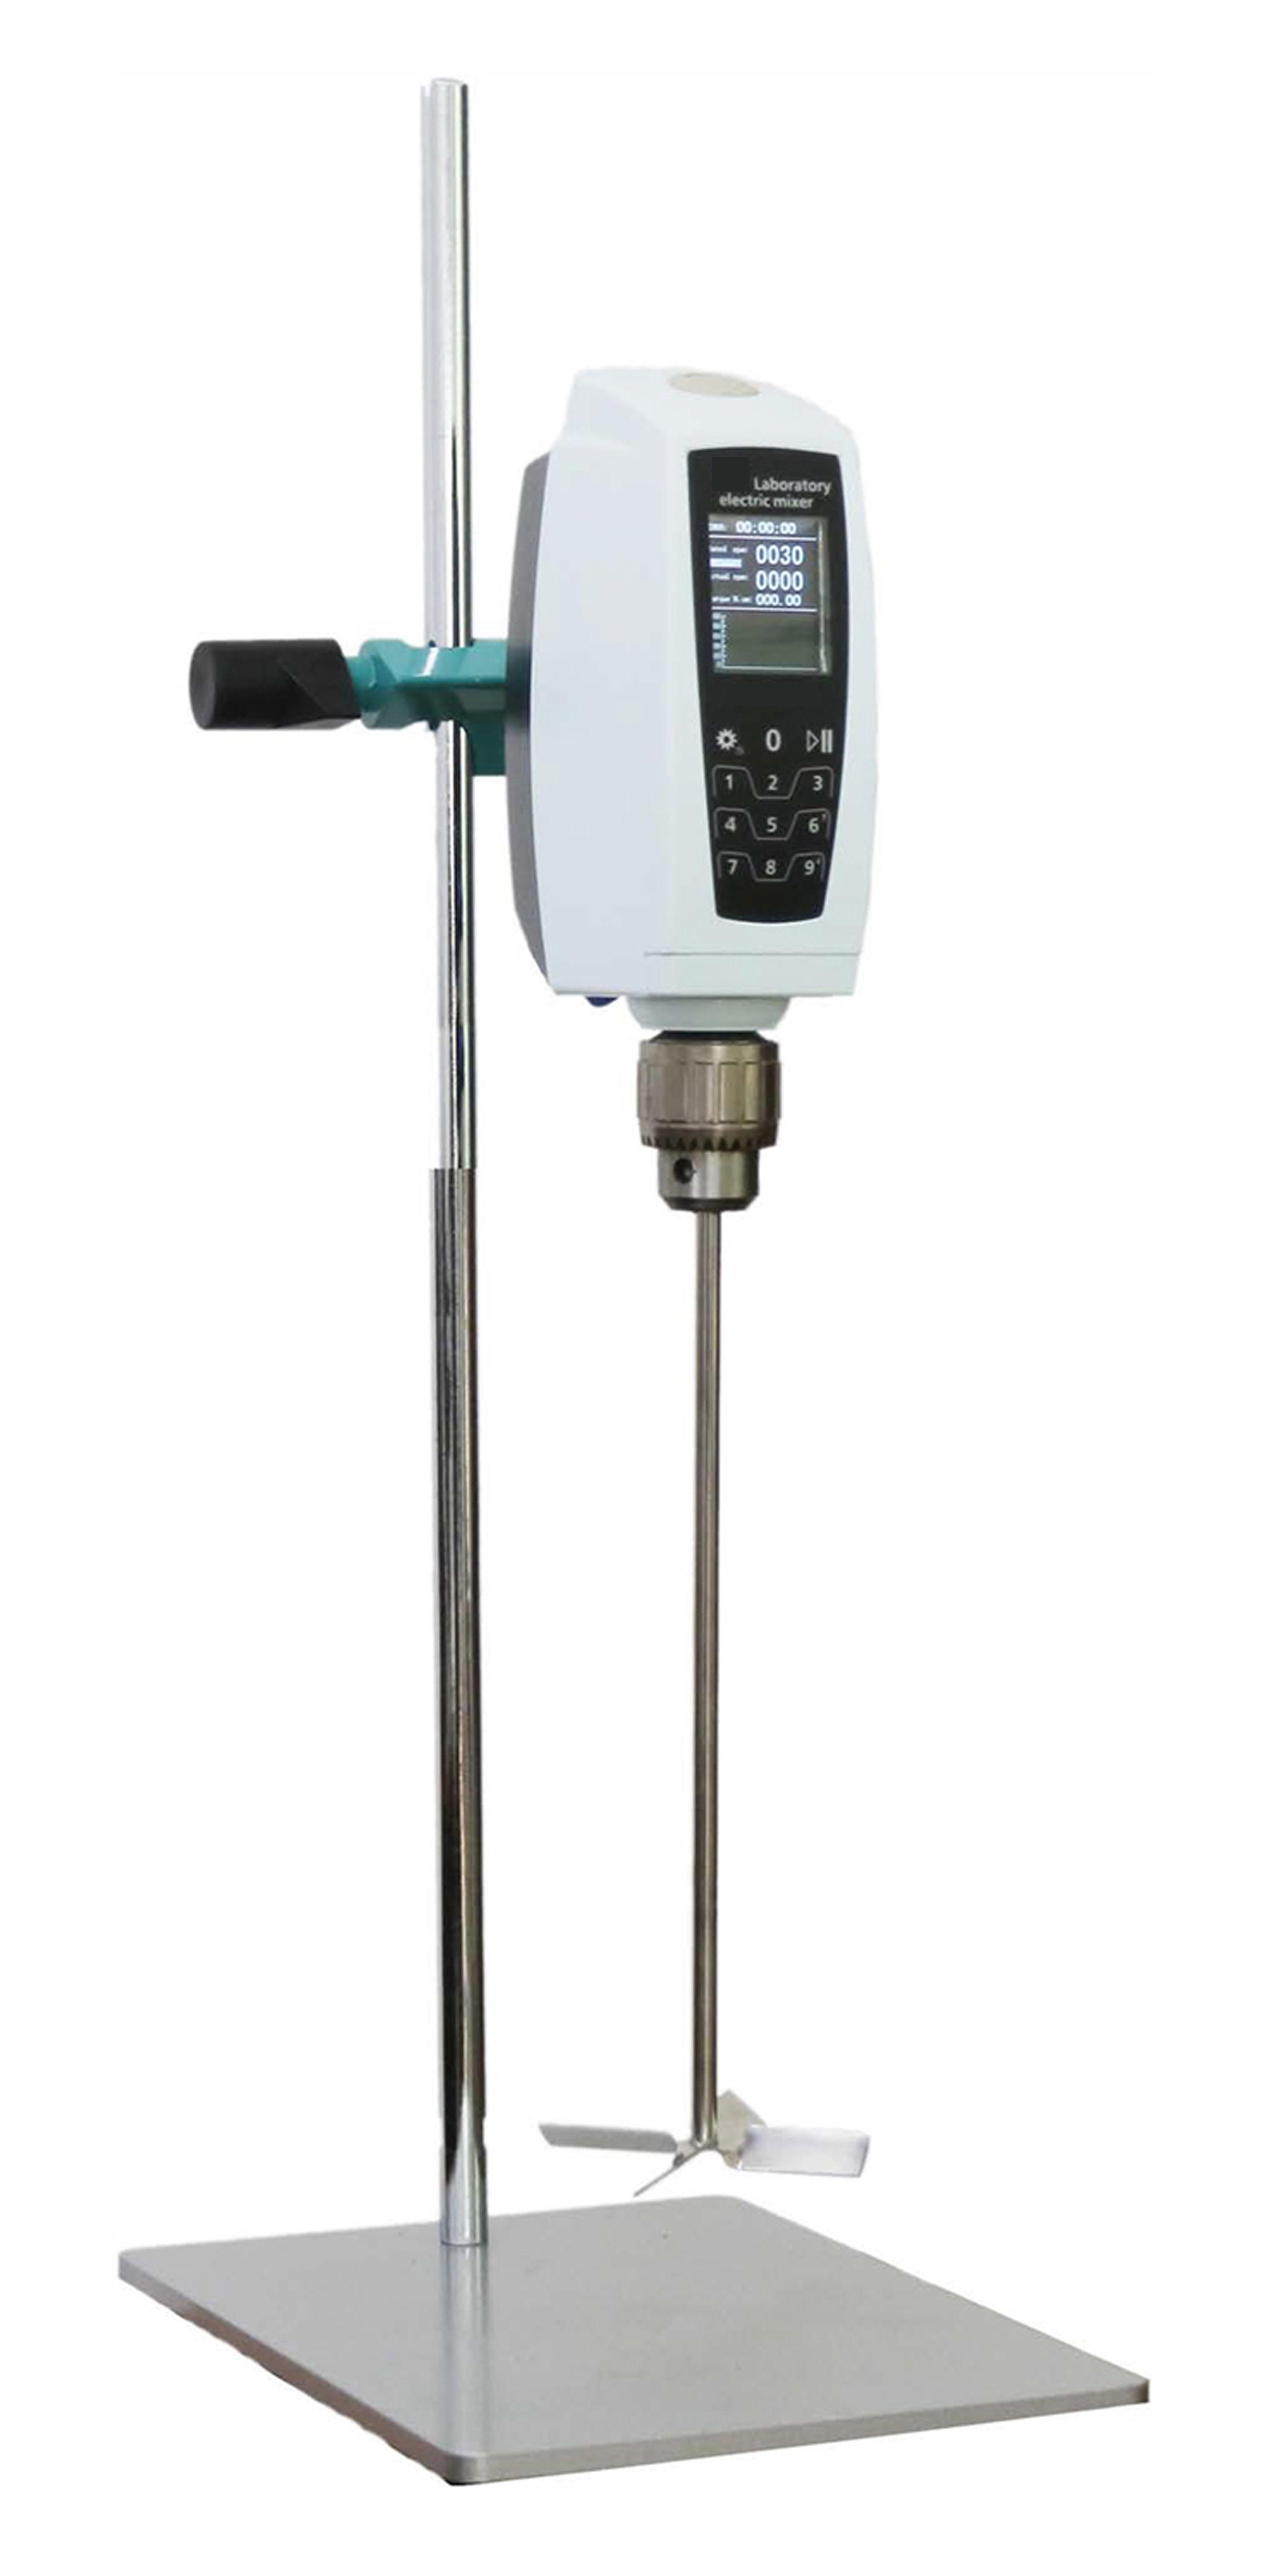 智能版觸摸屏懸臂式攪拌器.扭矩顯示攪拌器 歐之星YK400-PLUS